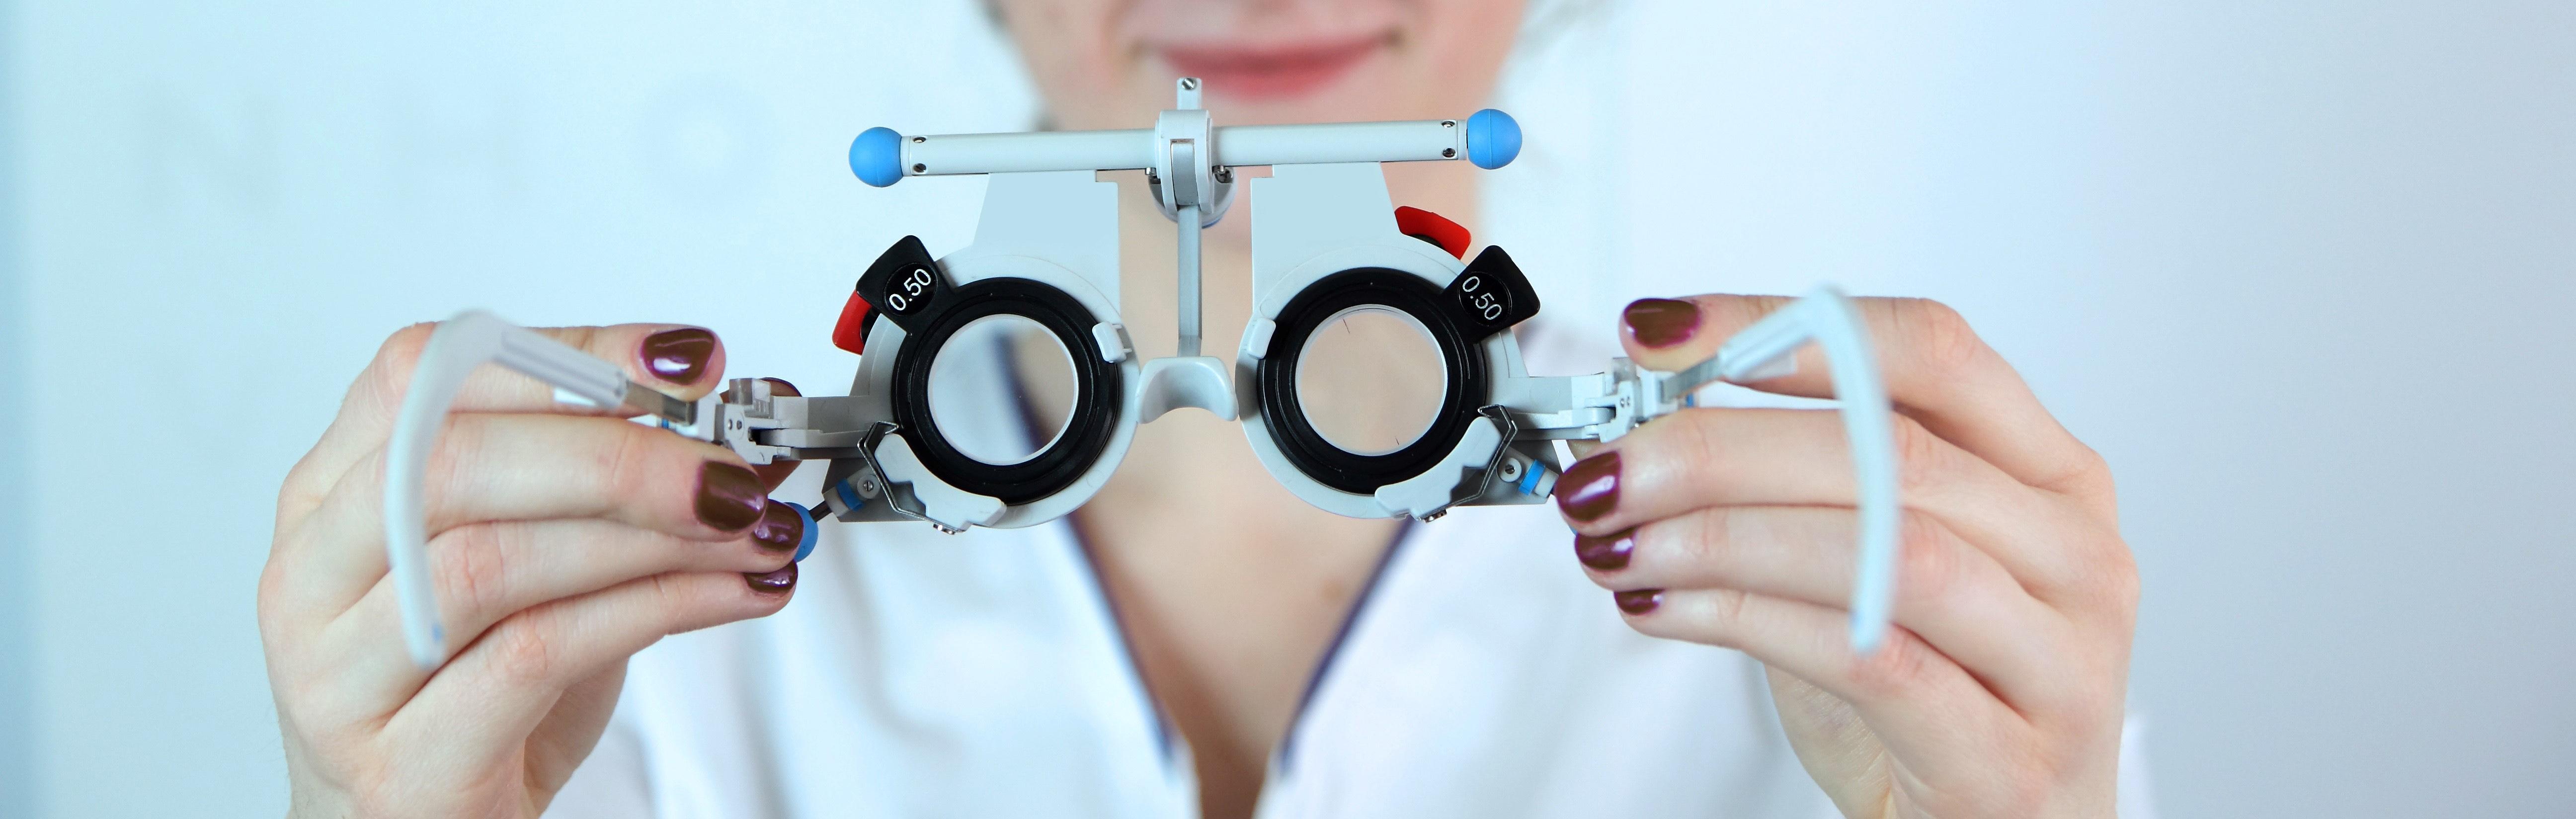 Course Image RedZR003-EN : Klīniskā prakse optometrijā II